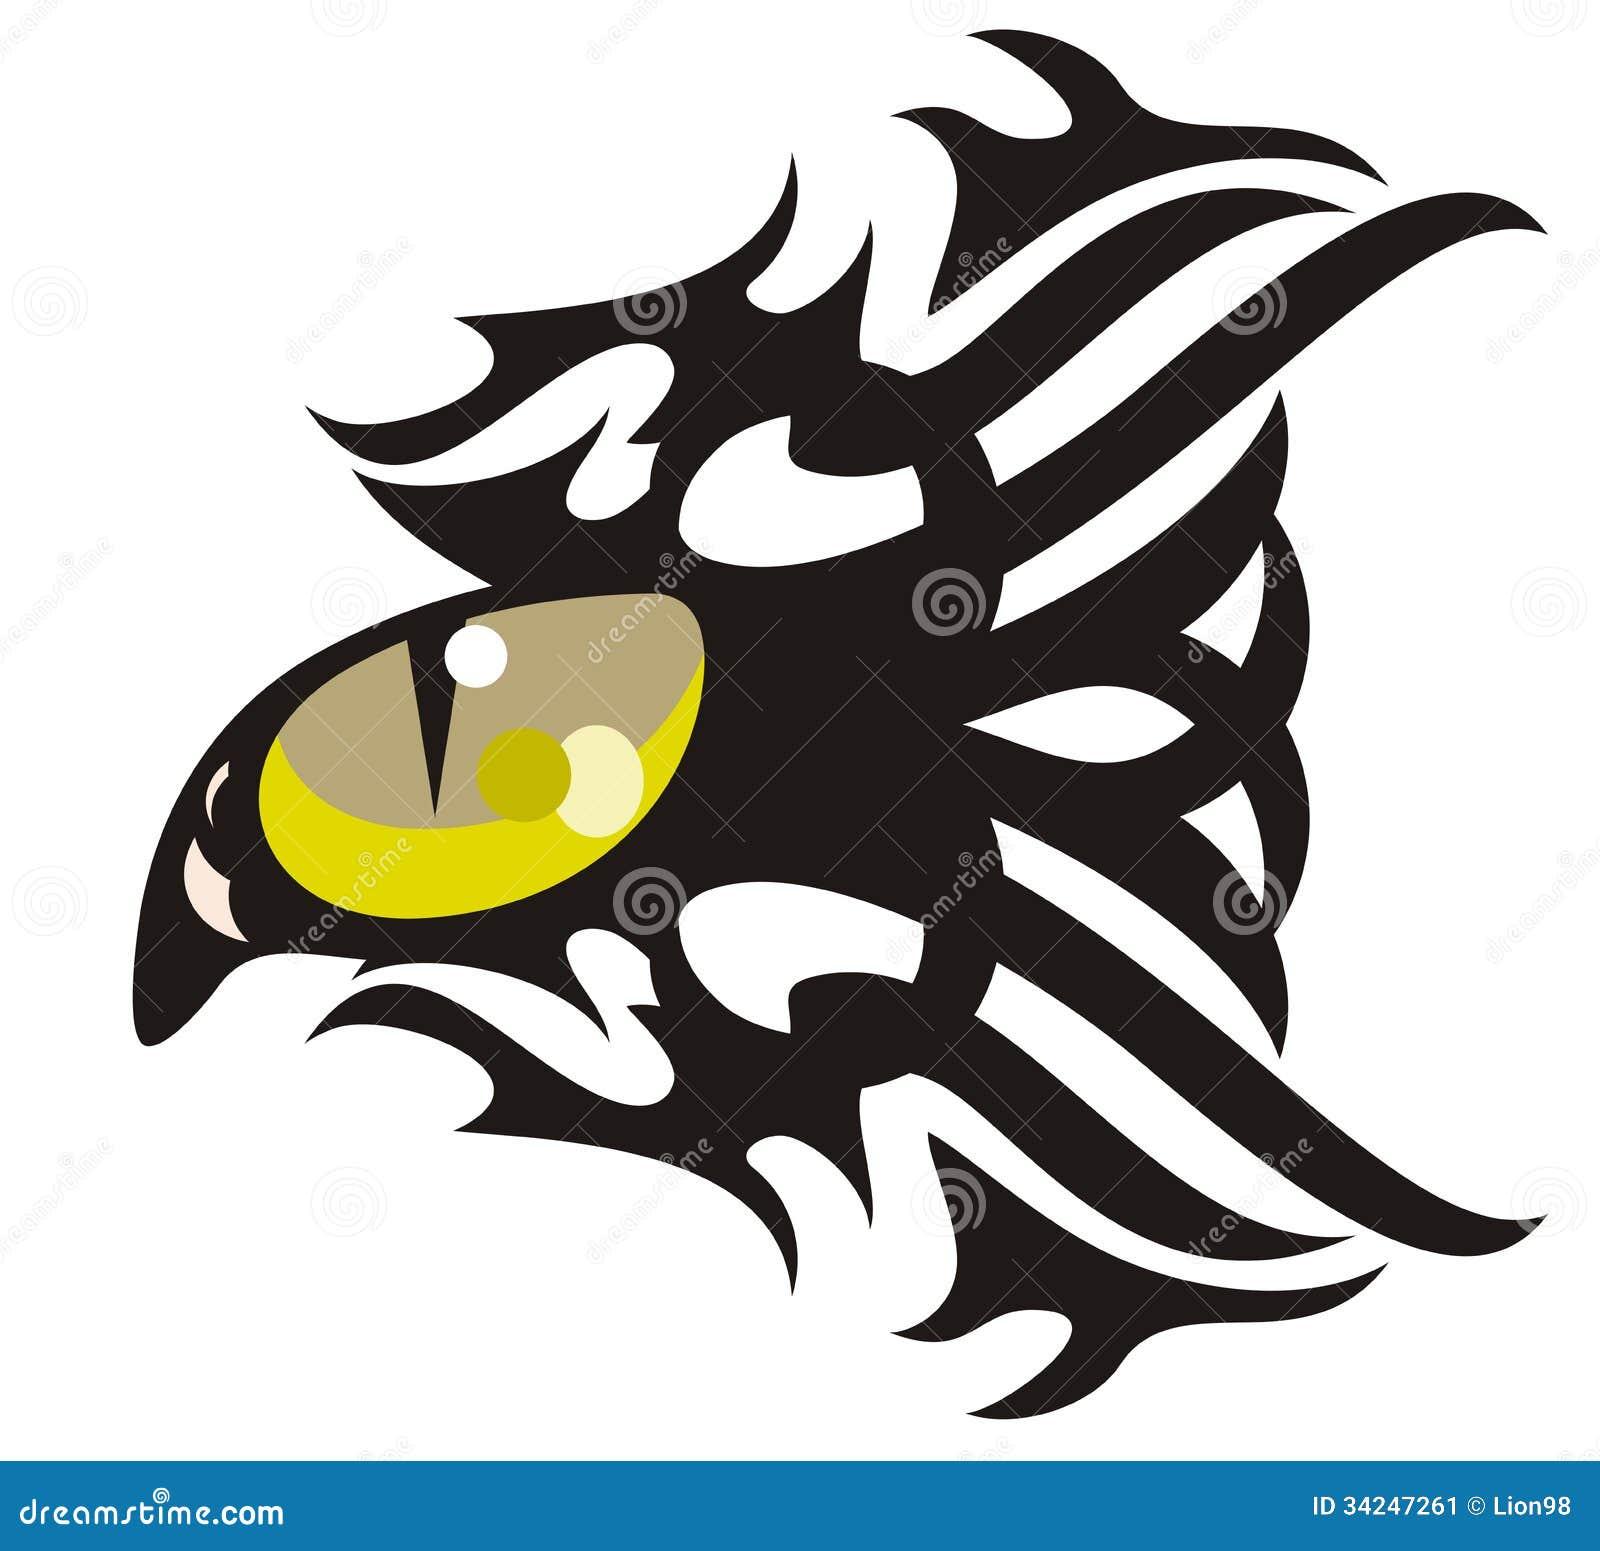 cat eye stock image image of artistic detail carnivore 34247261. Black Bedroom Furniture Sets. Home Design Ideas